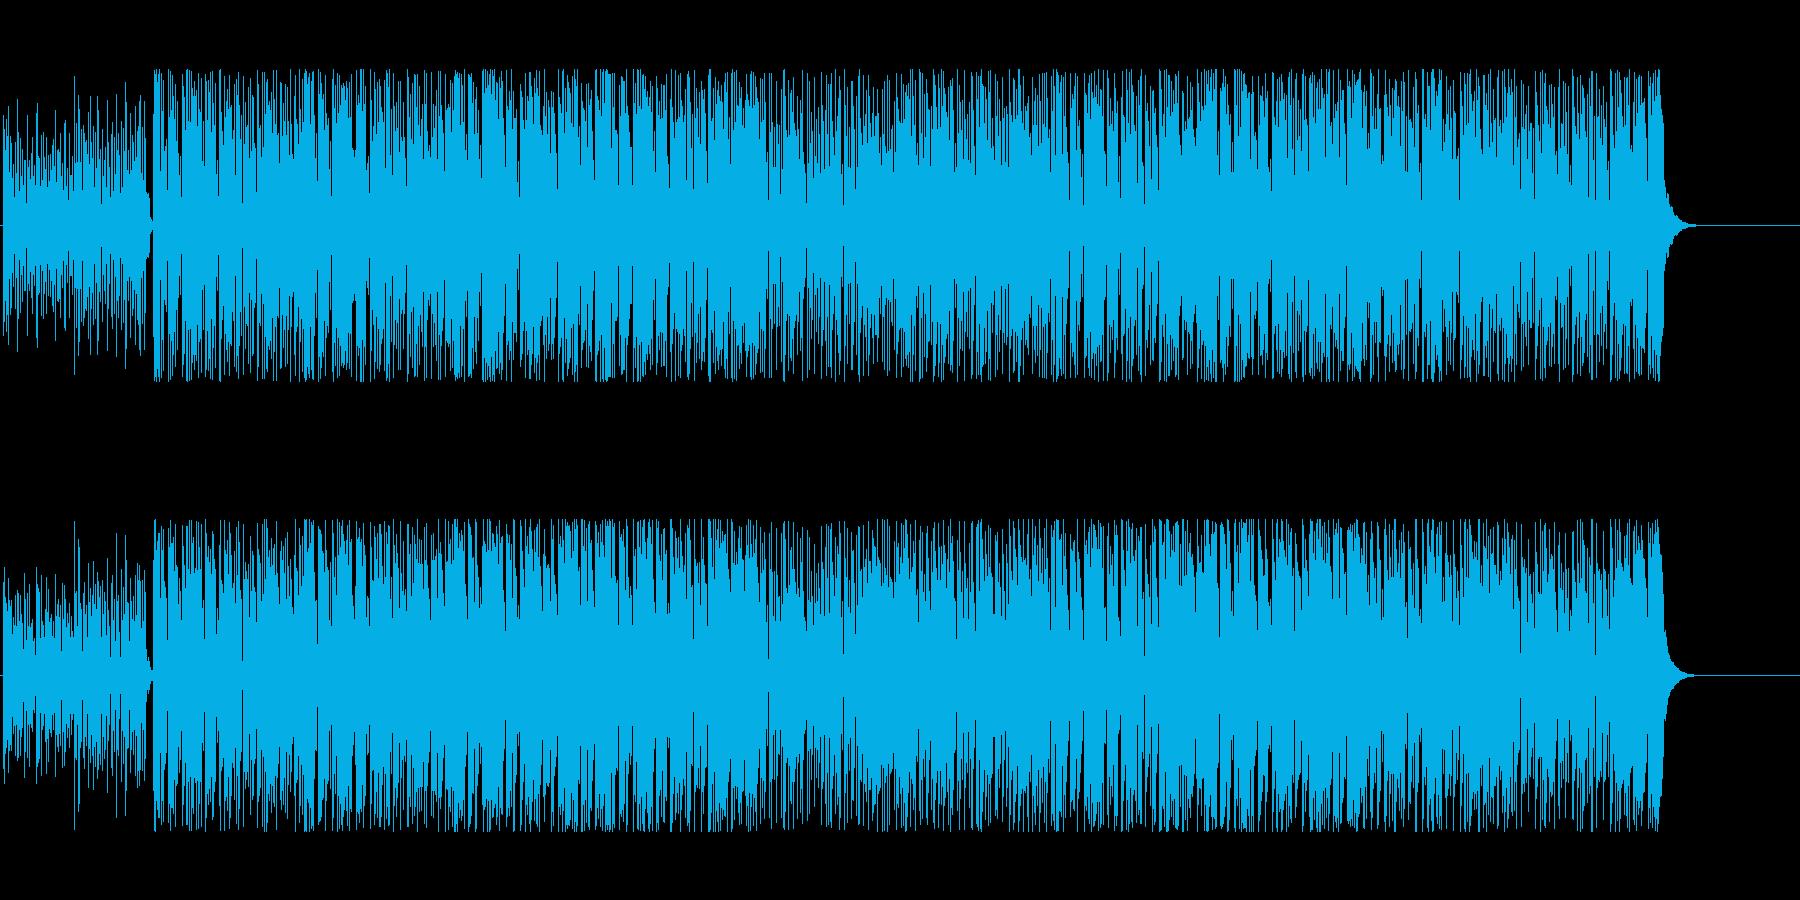 軽快 さわやか 元気 楽しい いきいきの再生済みの波形